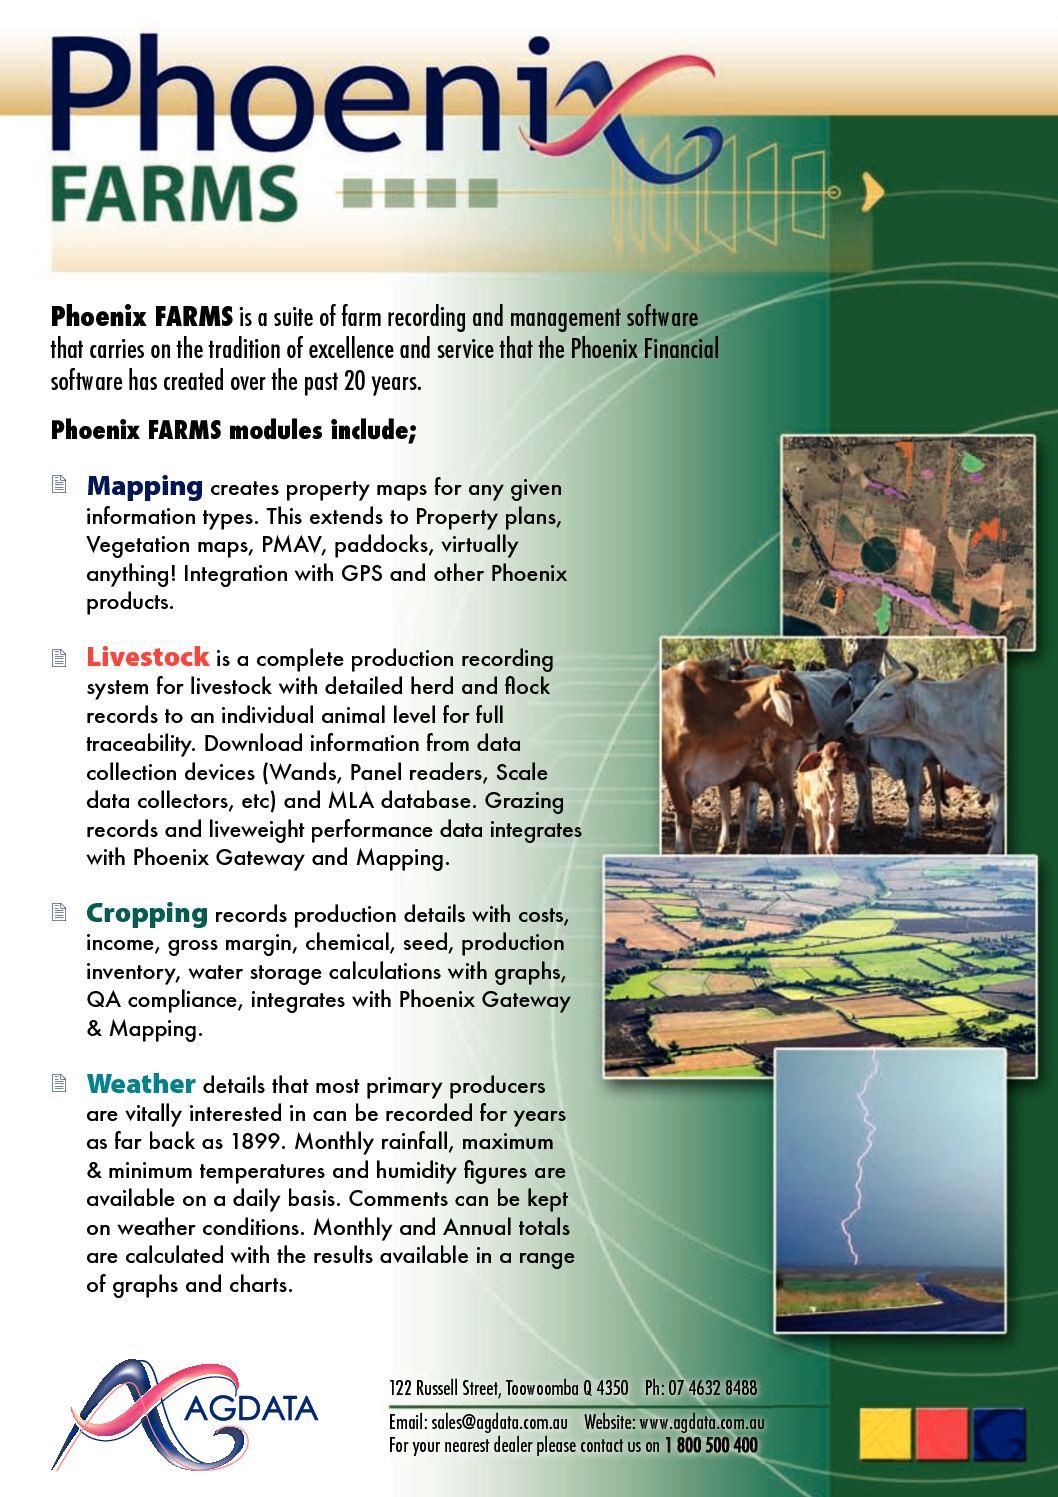 Phoenix Property Records : phoenix, property, records, Calaméo, Mefosa, Agdata, Phoenix